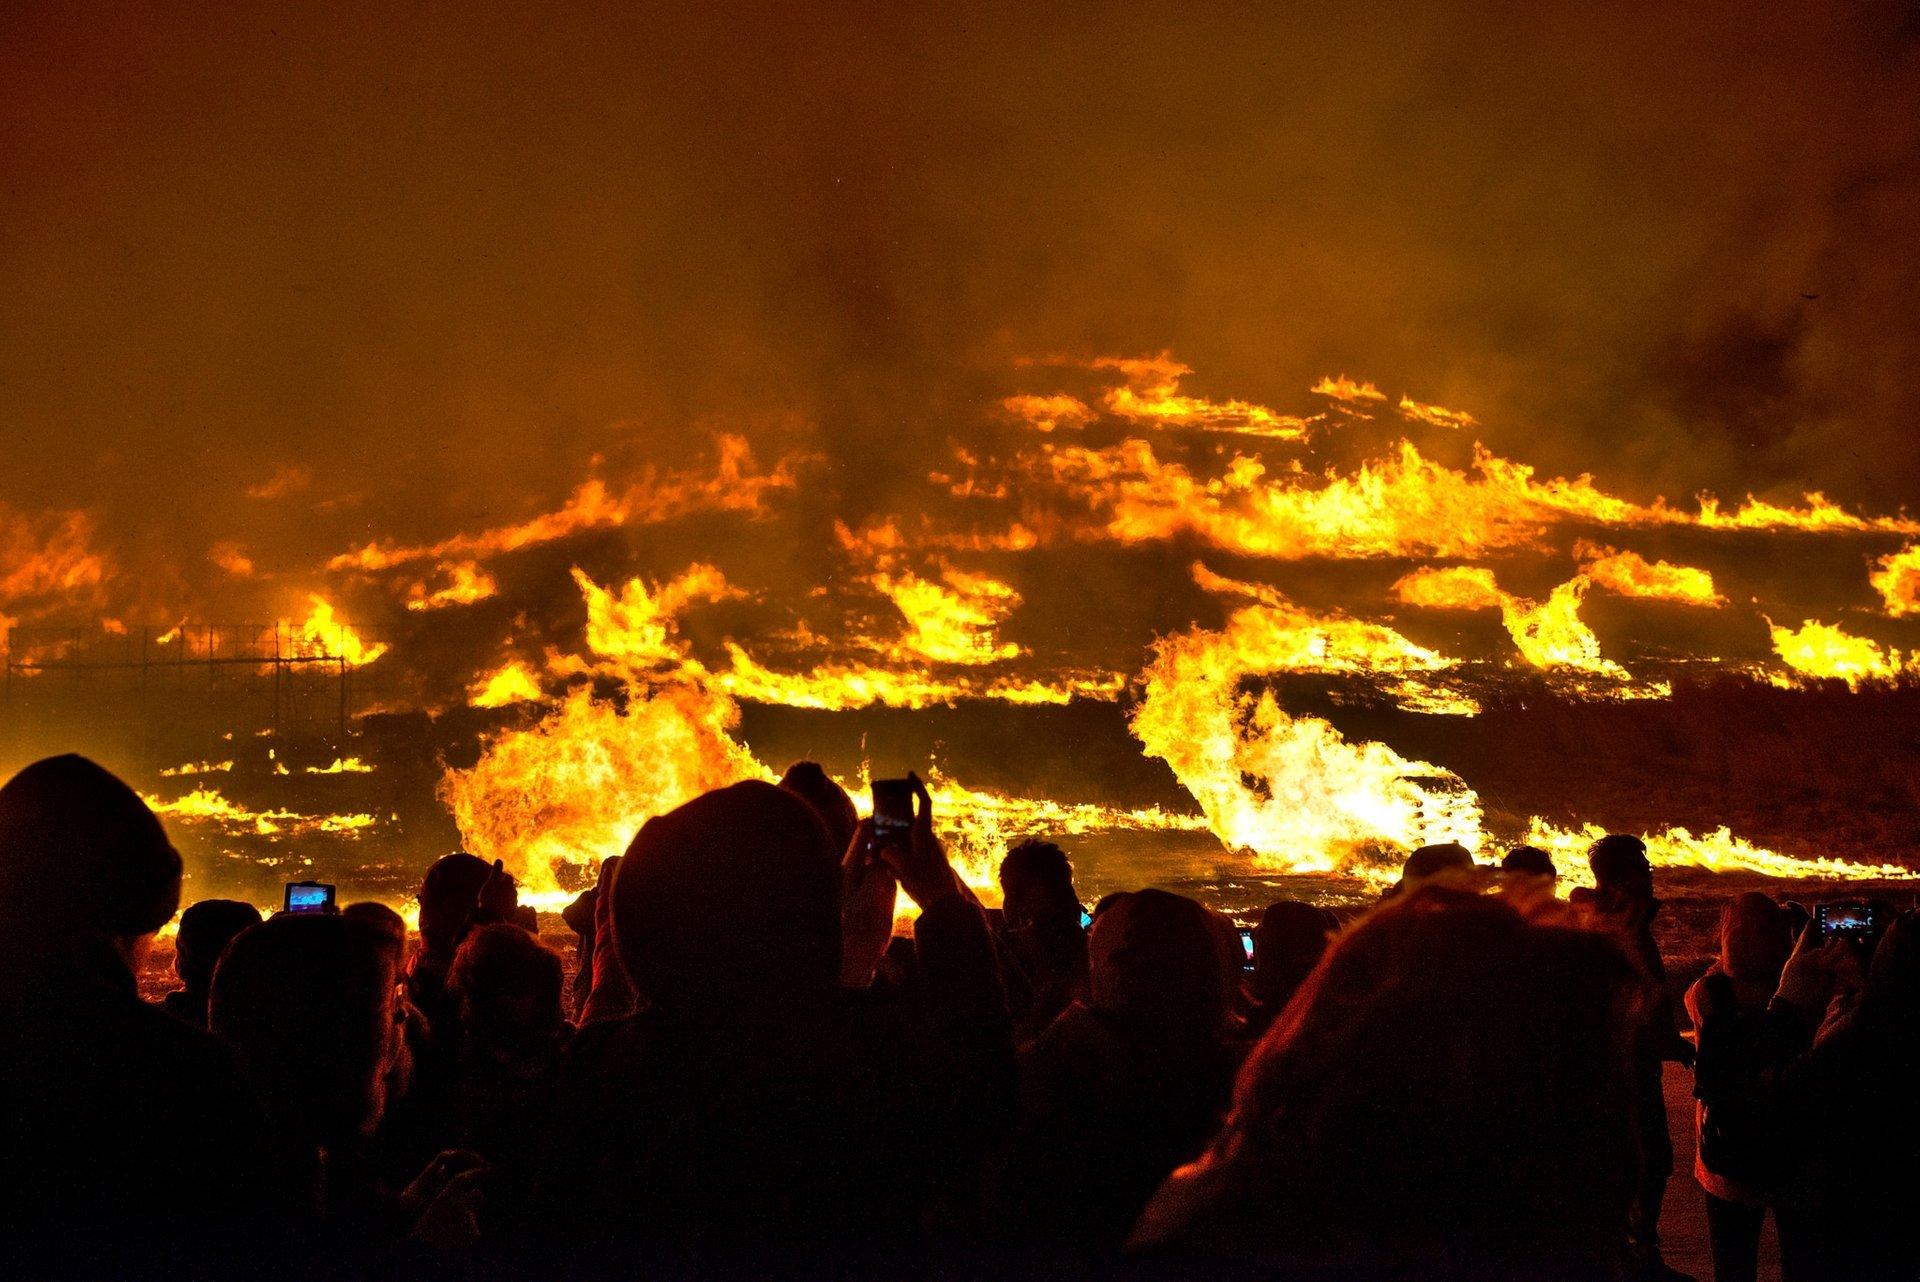 Jeju Fire Festival in South Korea 2019 - Best Time